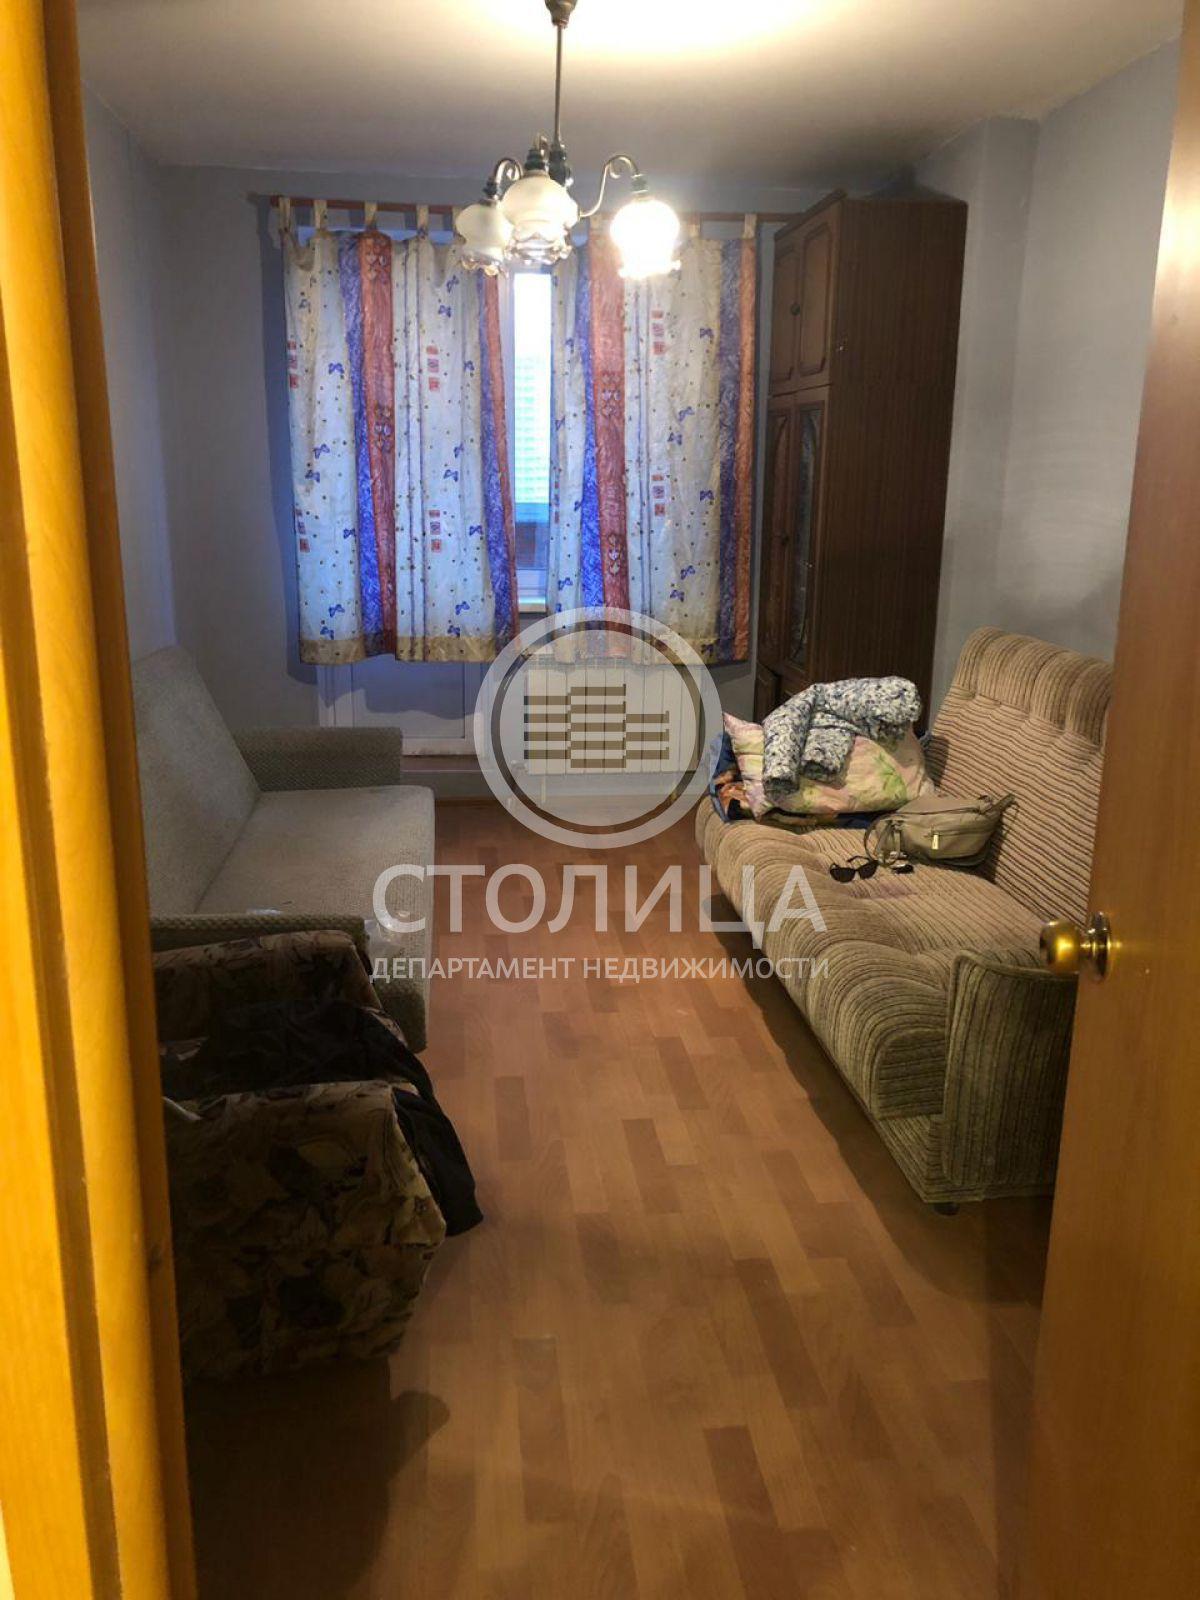 Квартира в аренду по адресу Россия, Московская область, Ивантеевка, Бережок ул, 5